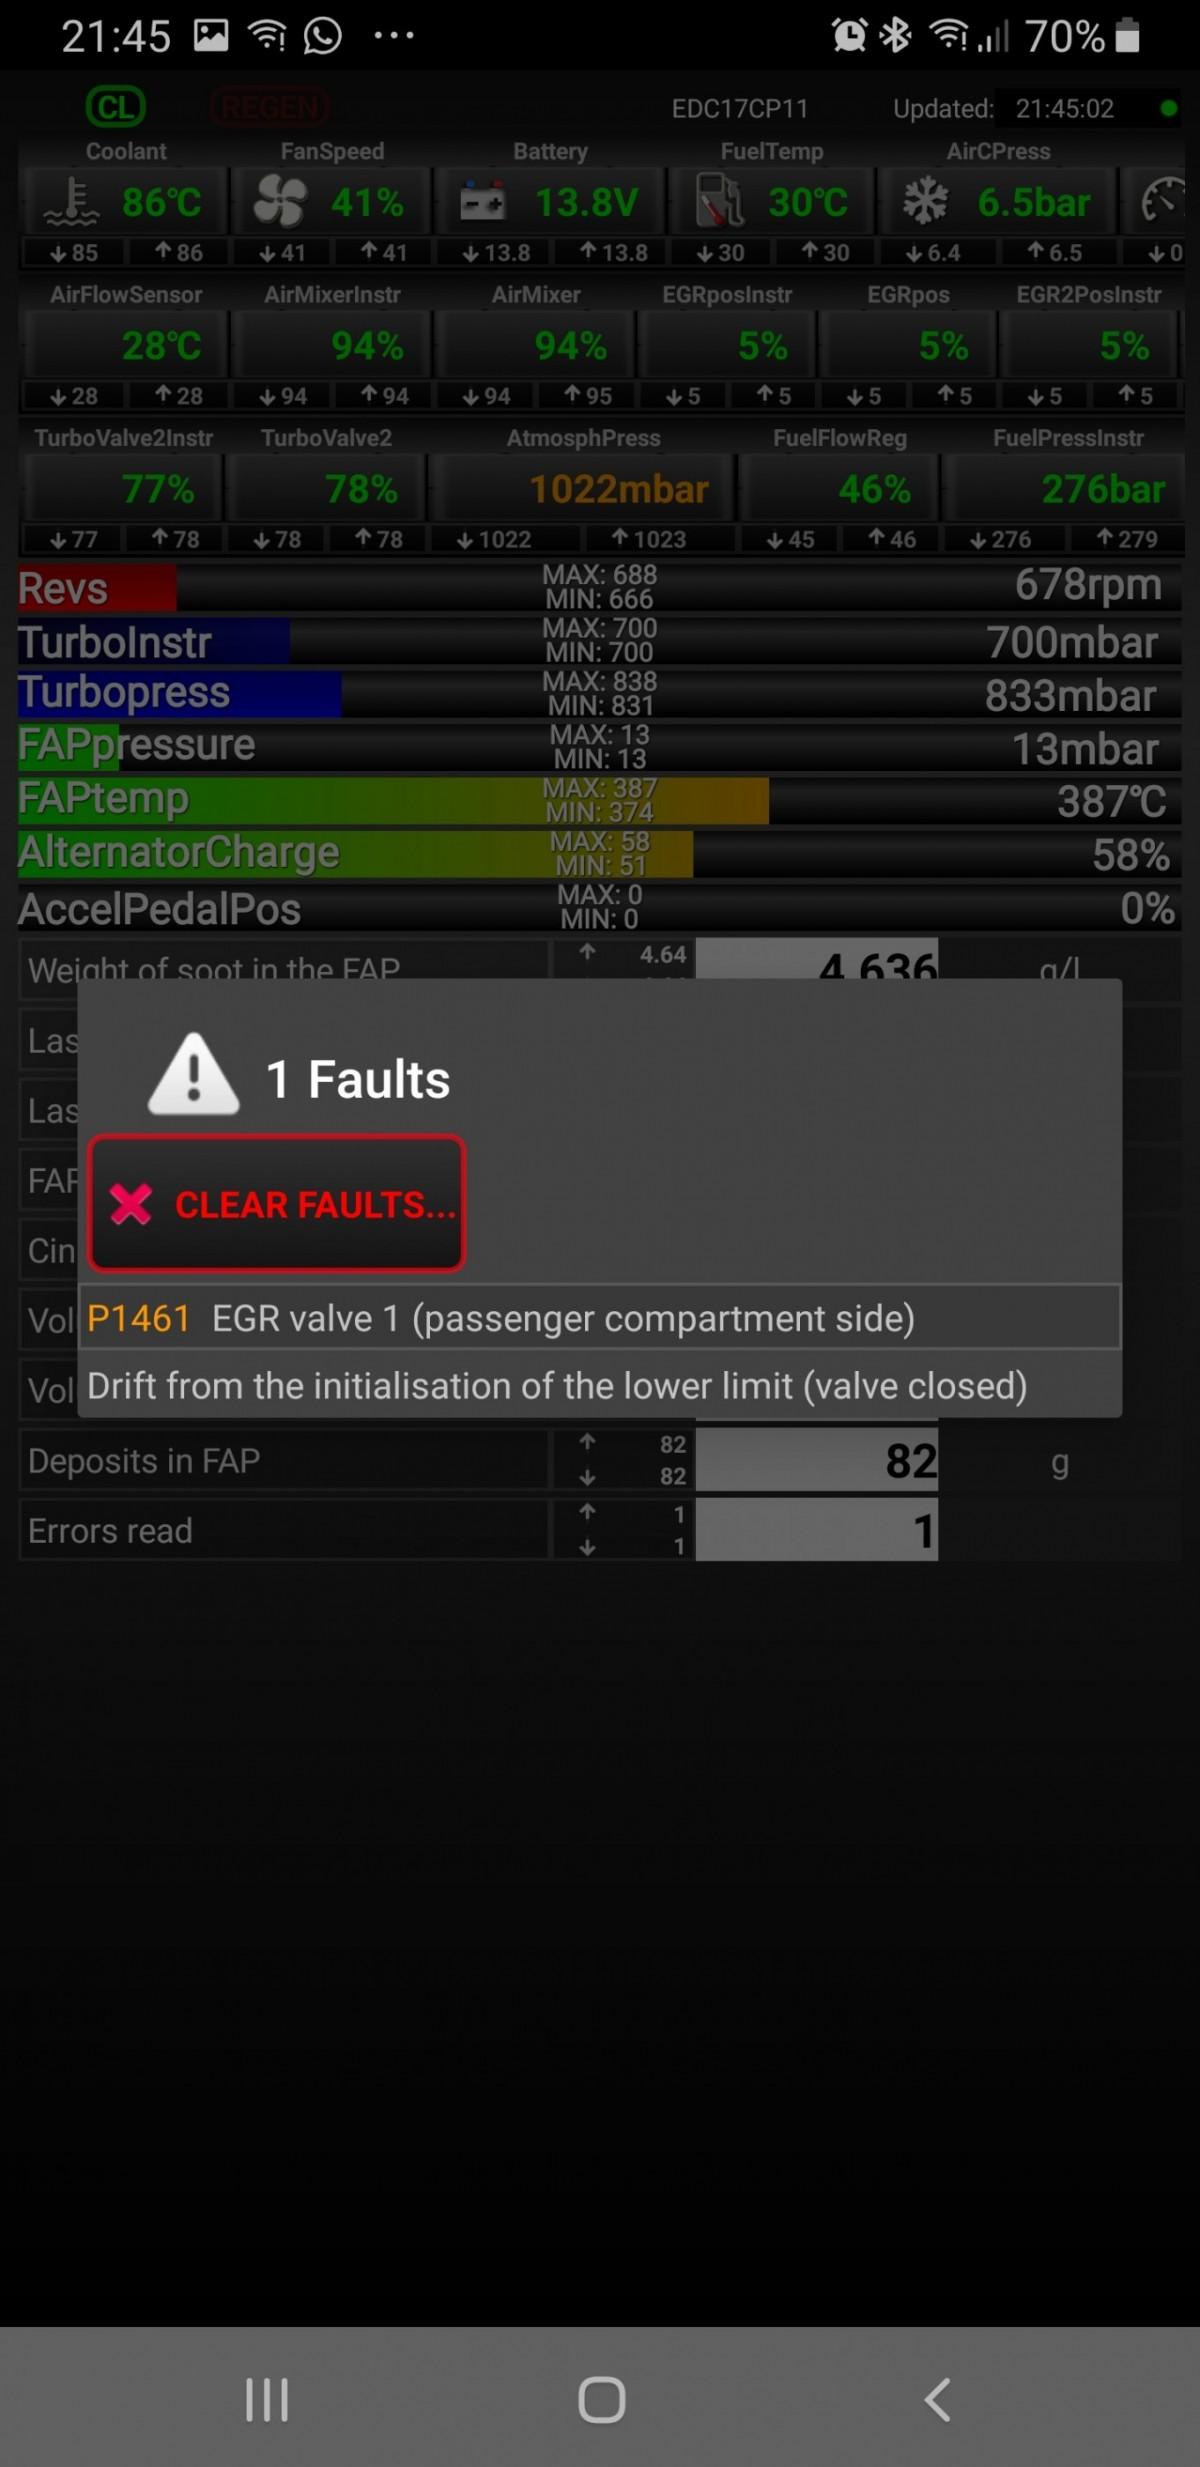 Screenshot_20200128-214503_FAP.jpg